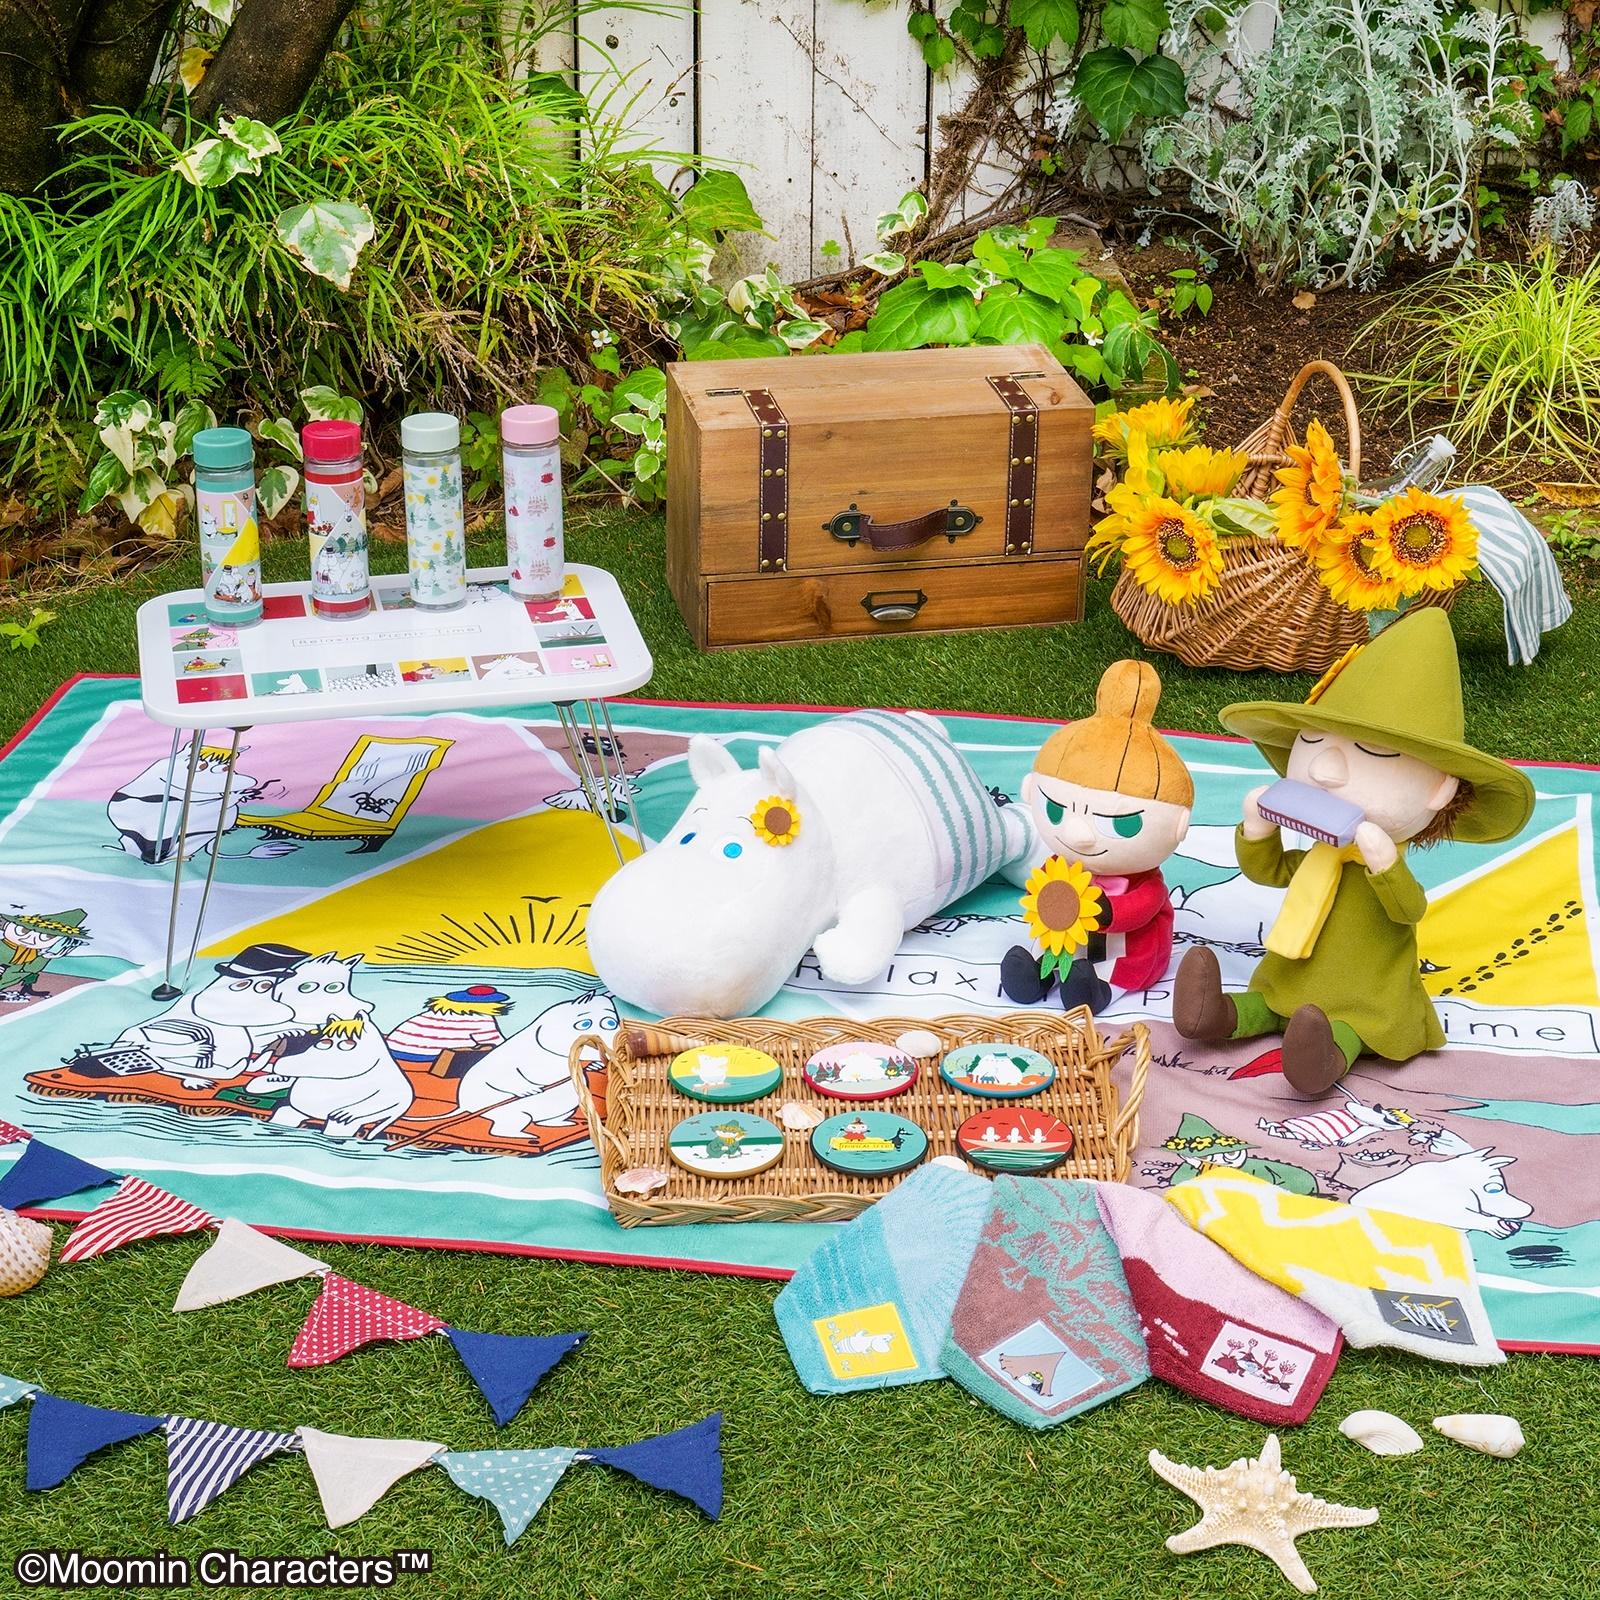 「ムーミン」新作一番くじ、ピクニックに行きたくなっちゃうウキウキなラインナップ!